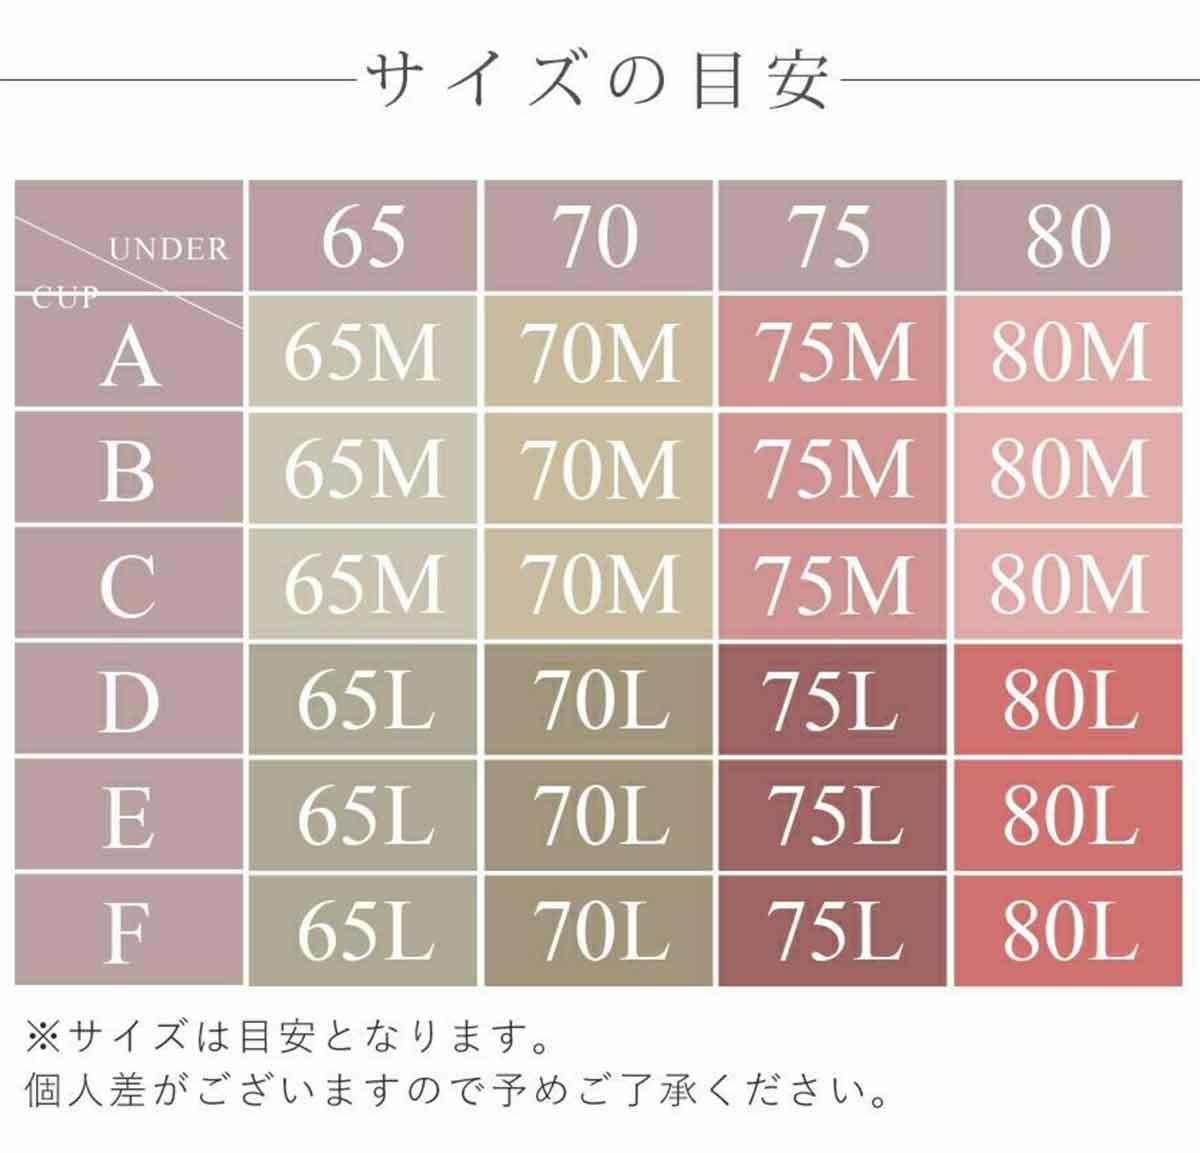 ラクシアのサイズ表